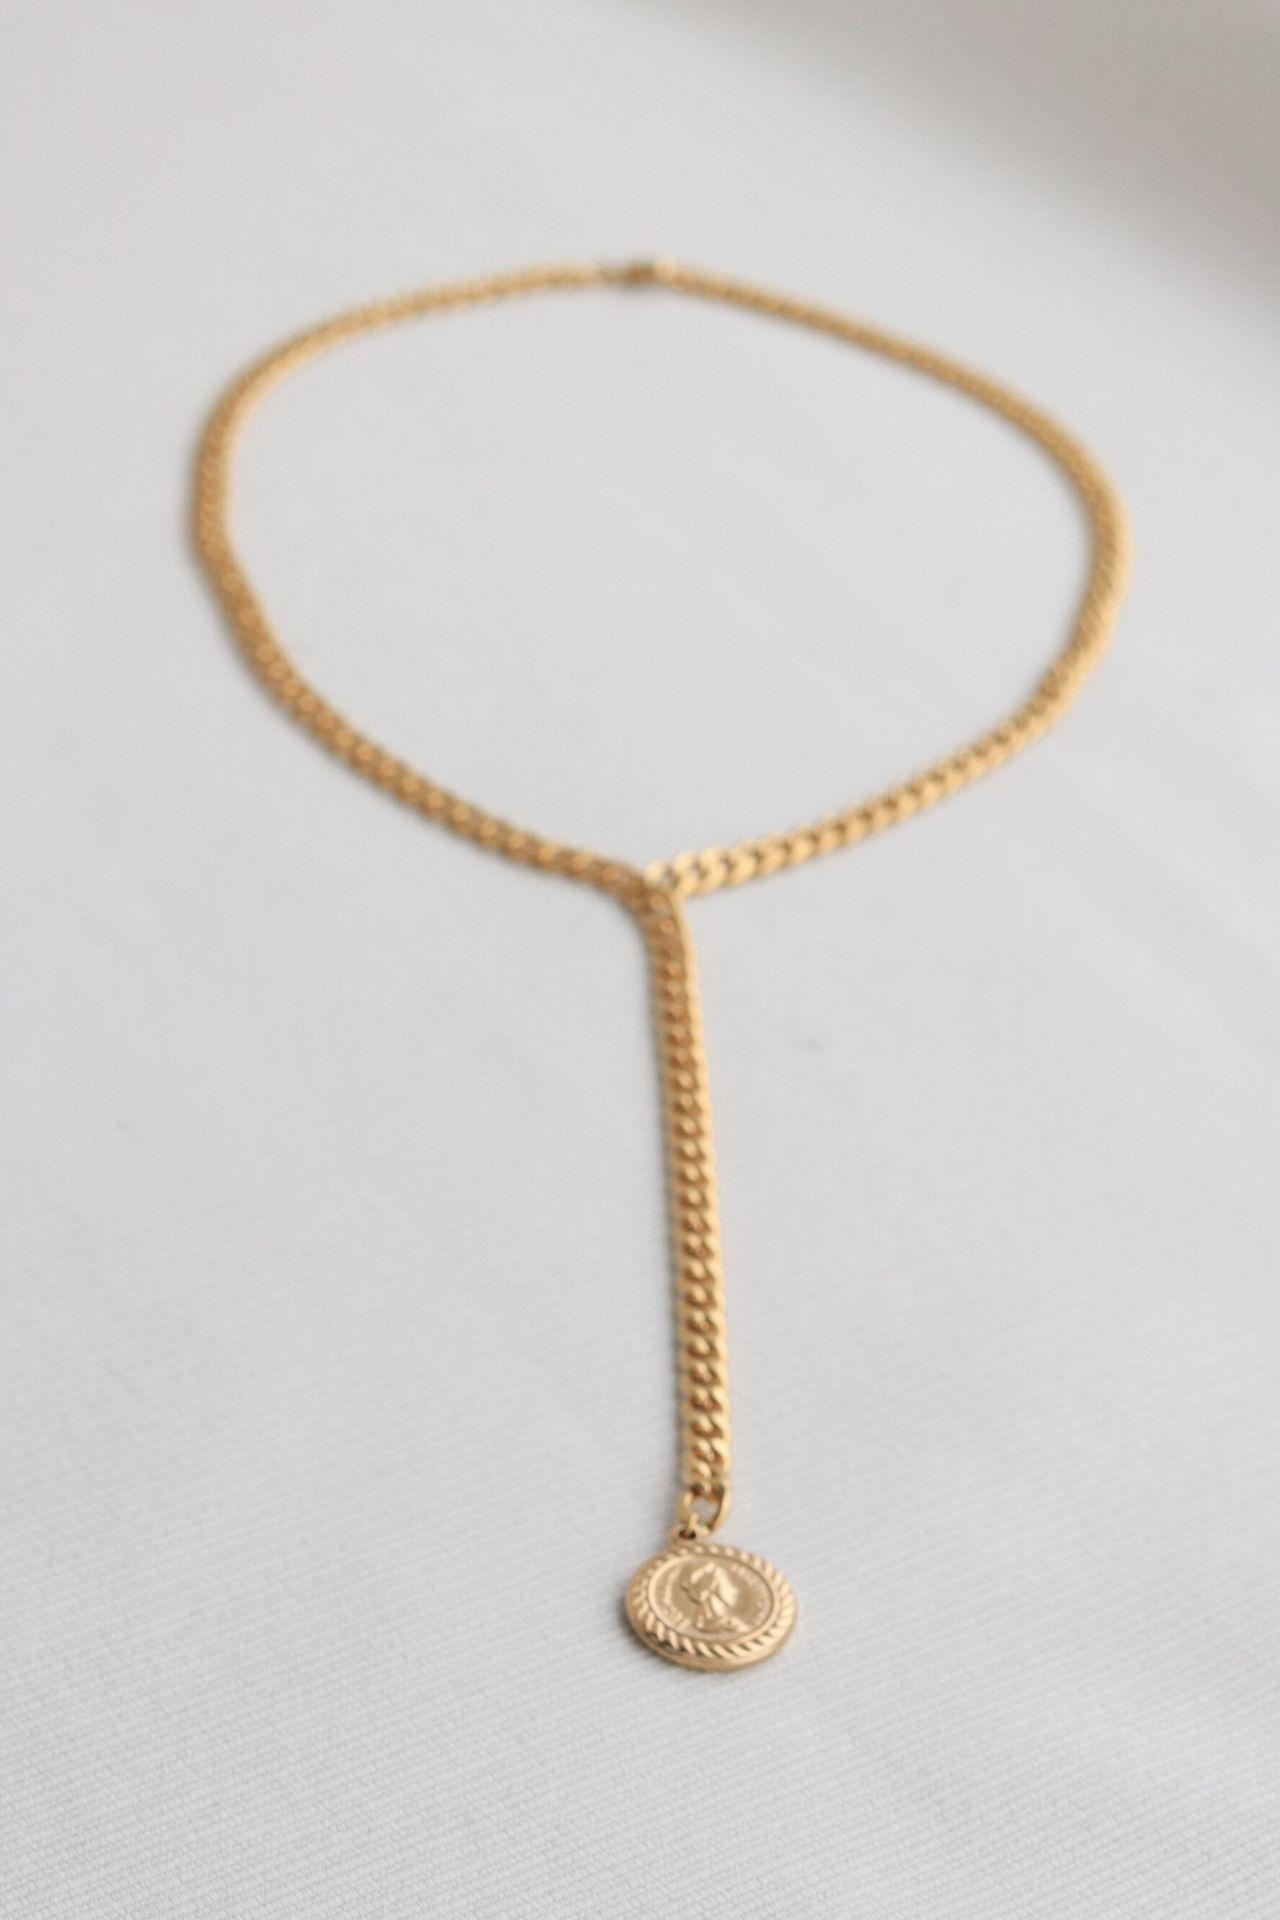 Cadenainterna (que bordea el cuello) : 42cm, cadena externa (que cae): 11 cm